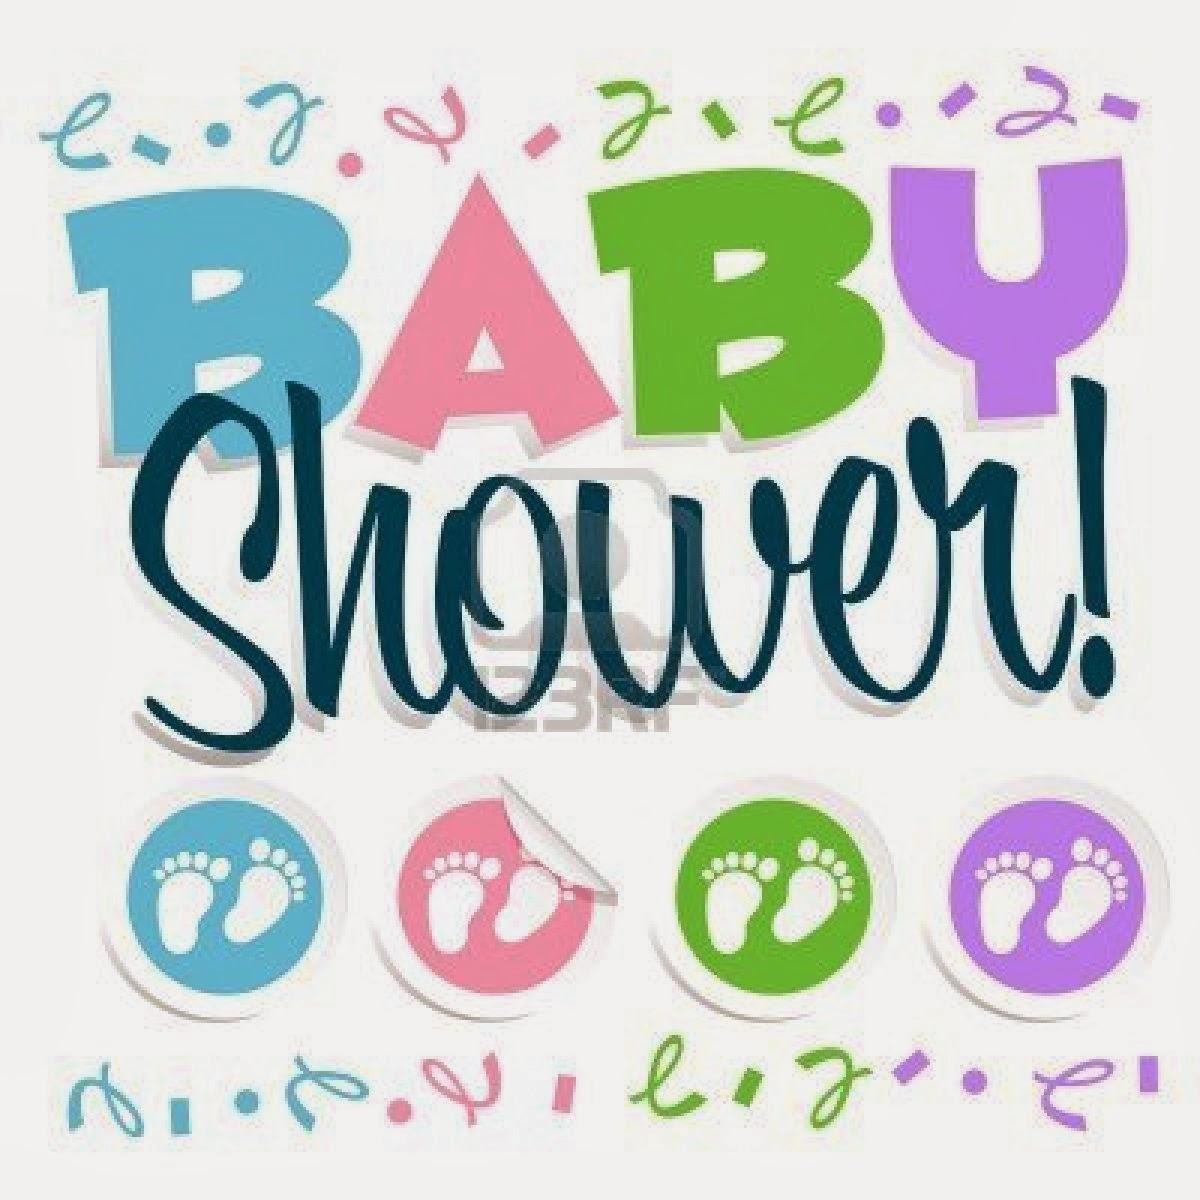 a4e39f860 ... Fantasia Baby Shower  Fantasia De Una PrinCesa  Carteles Y Letreros De  Baby Shower